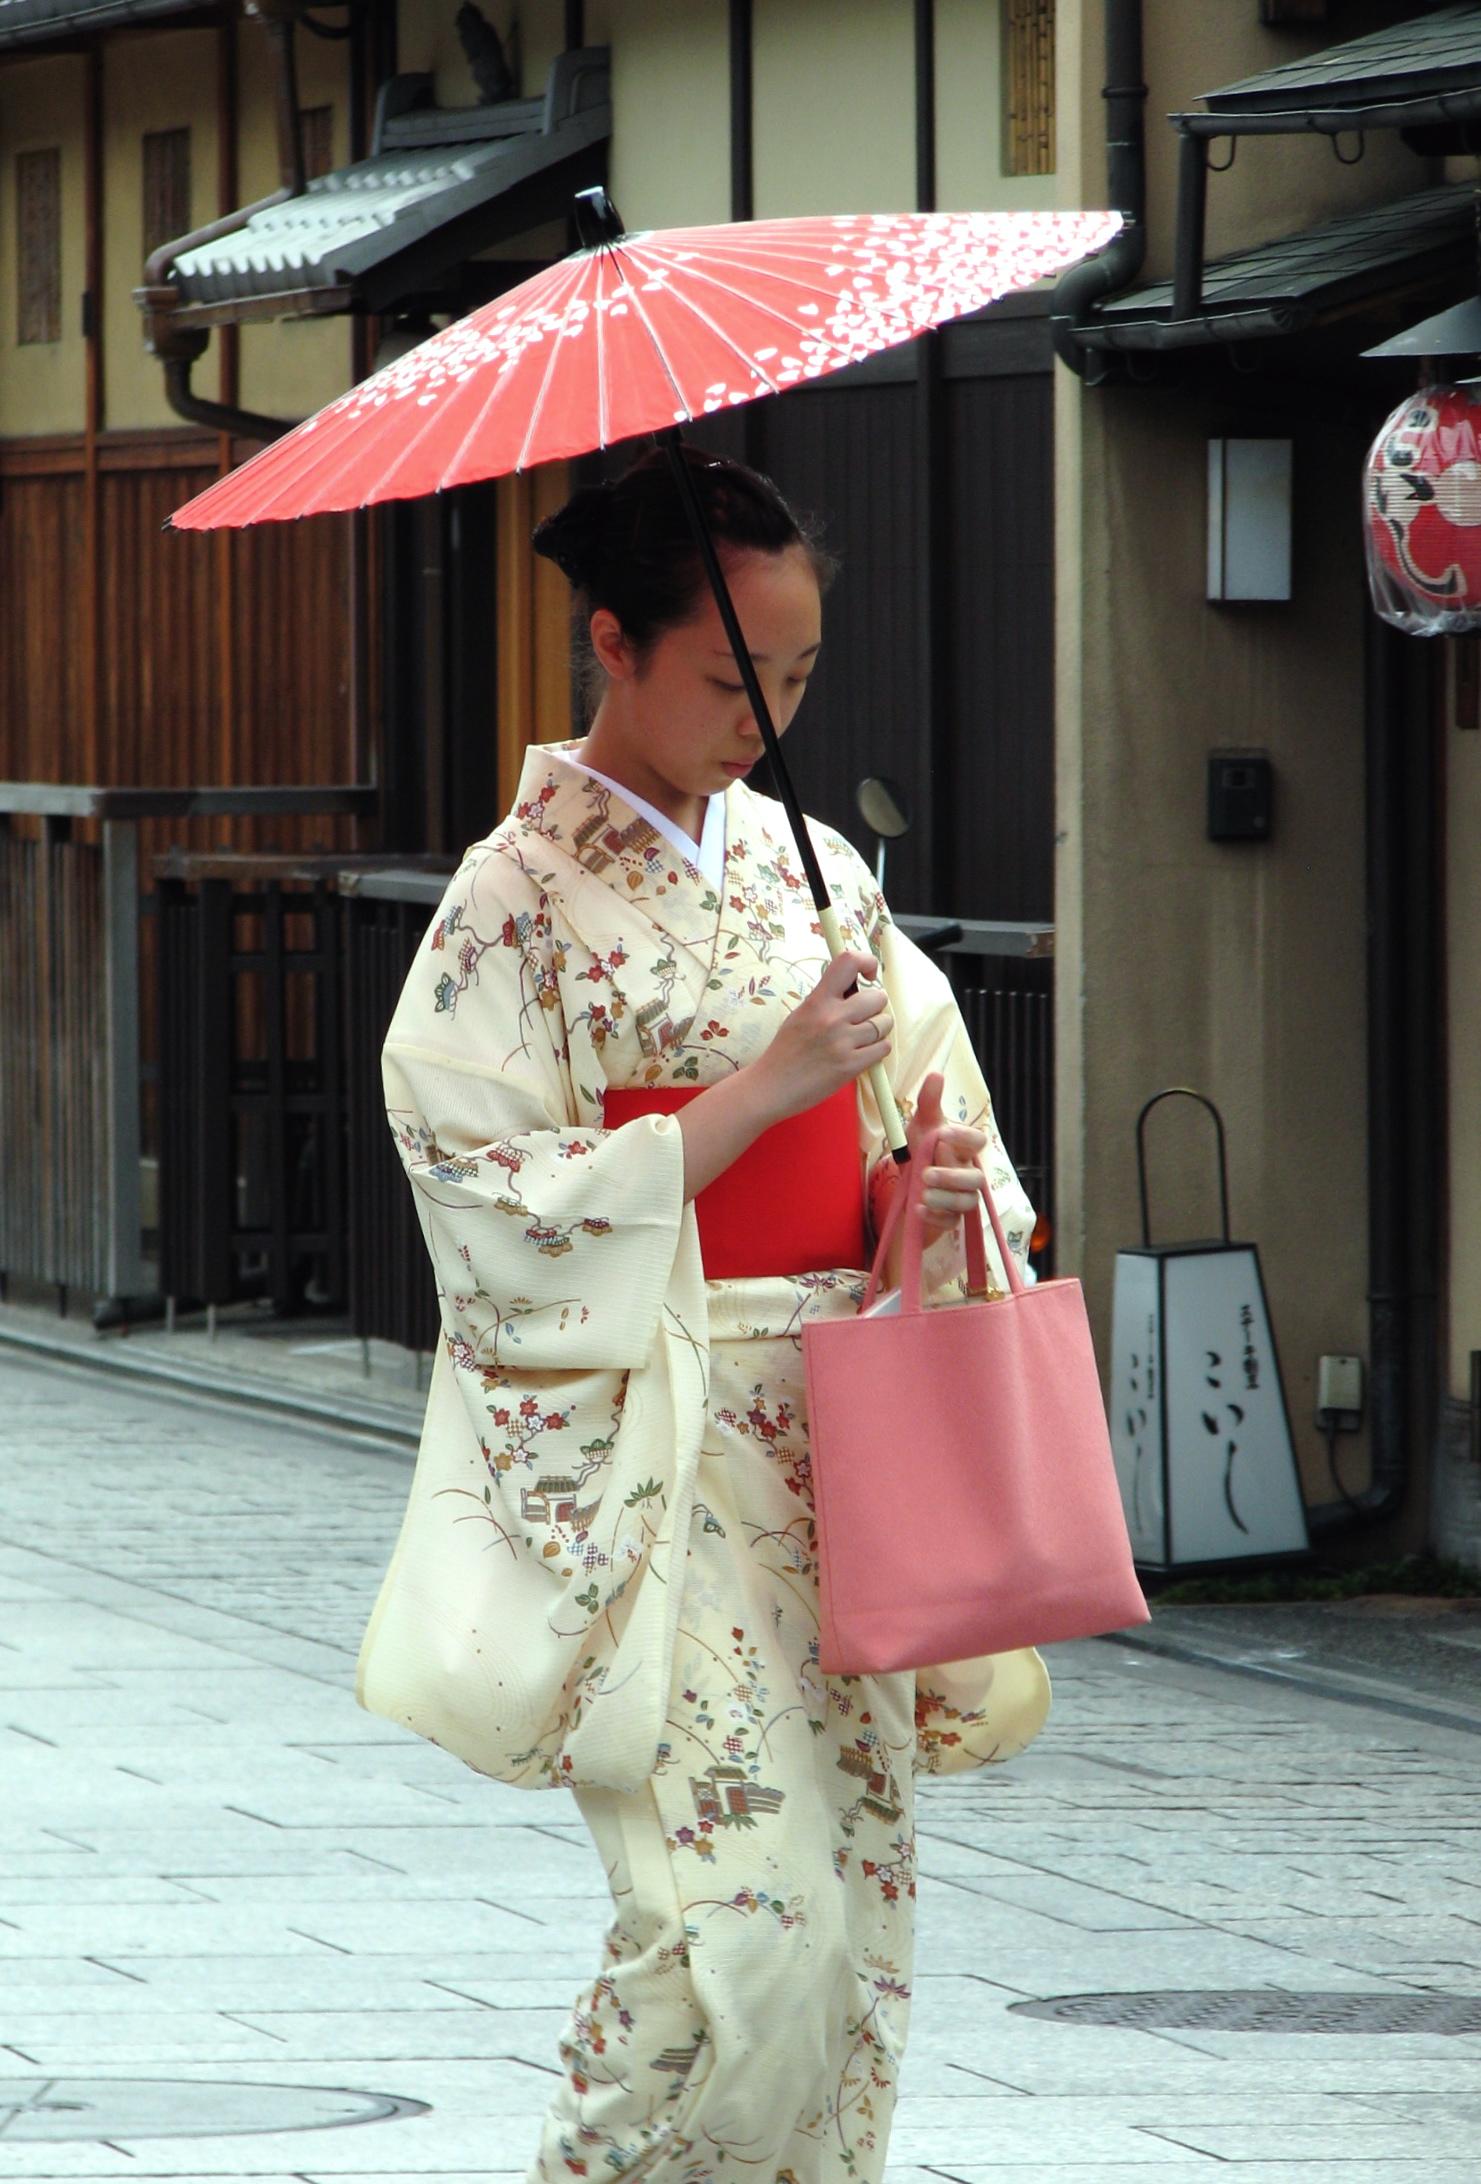 Kimono lady at Gion, Kyoto.jpg